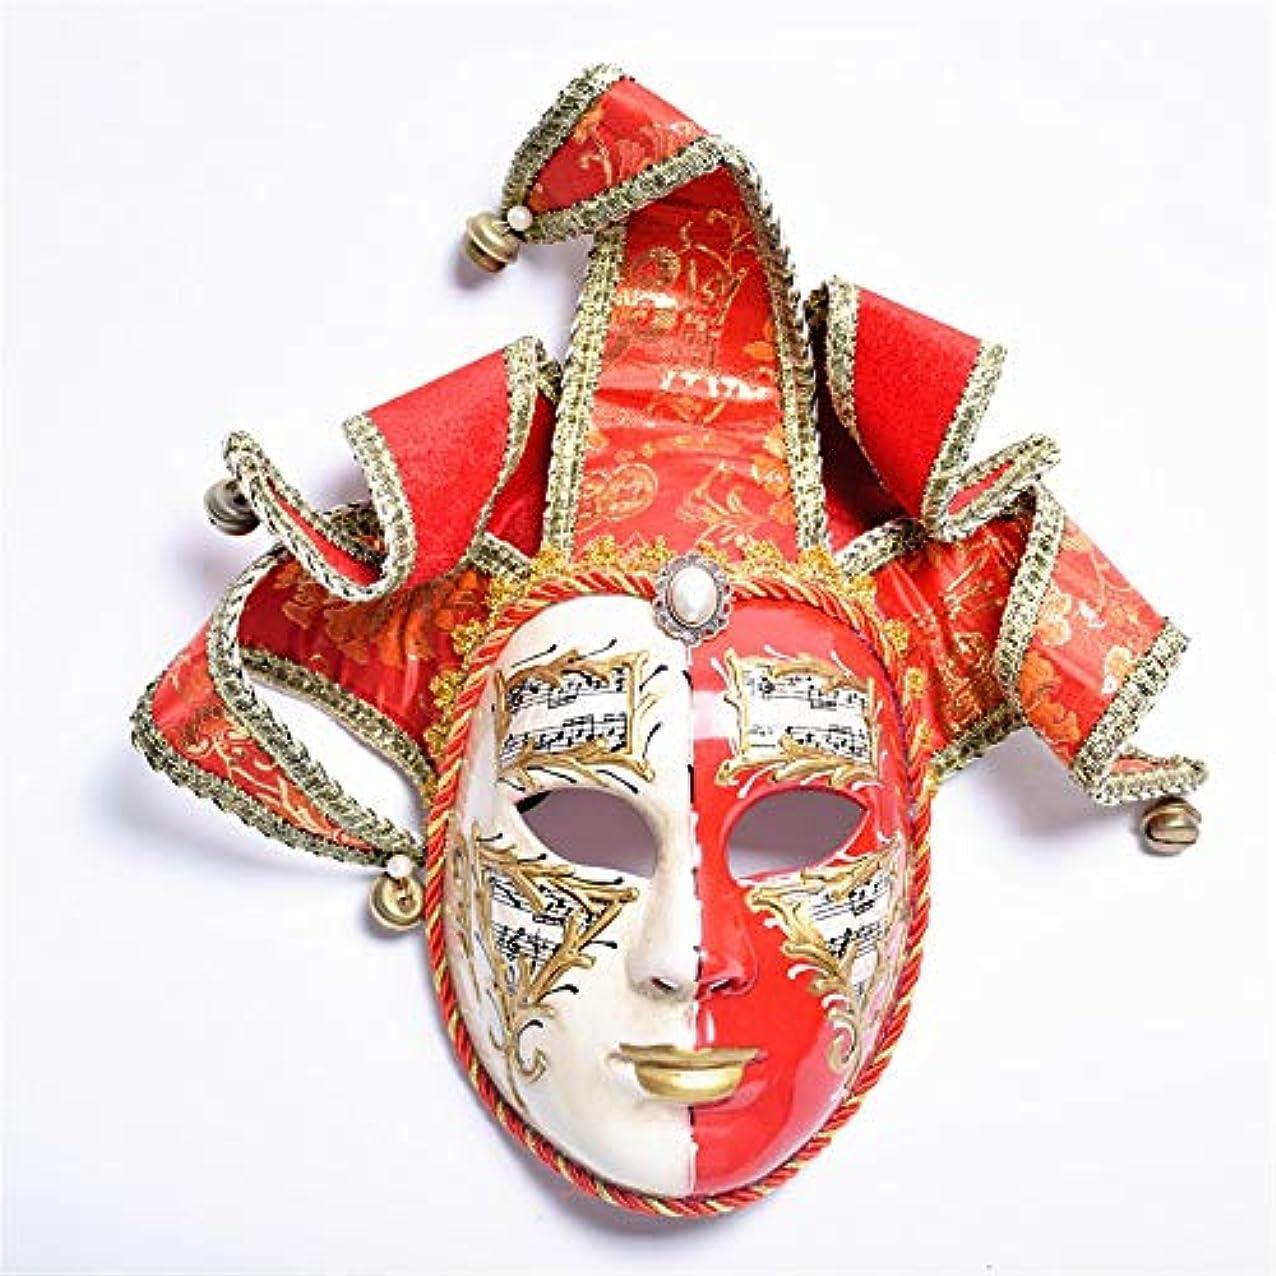 東ティモール貧しい住所ダンスマスク レッドゴールドマスク女性仮装パーティーナイトクラブロールプレイング装飾プラスチックマスク ホリデーパーティー用品 (色 : Red+Gold, サイズ : 33x31cm)